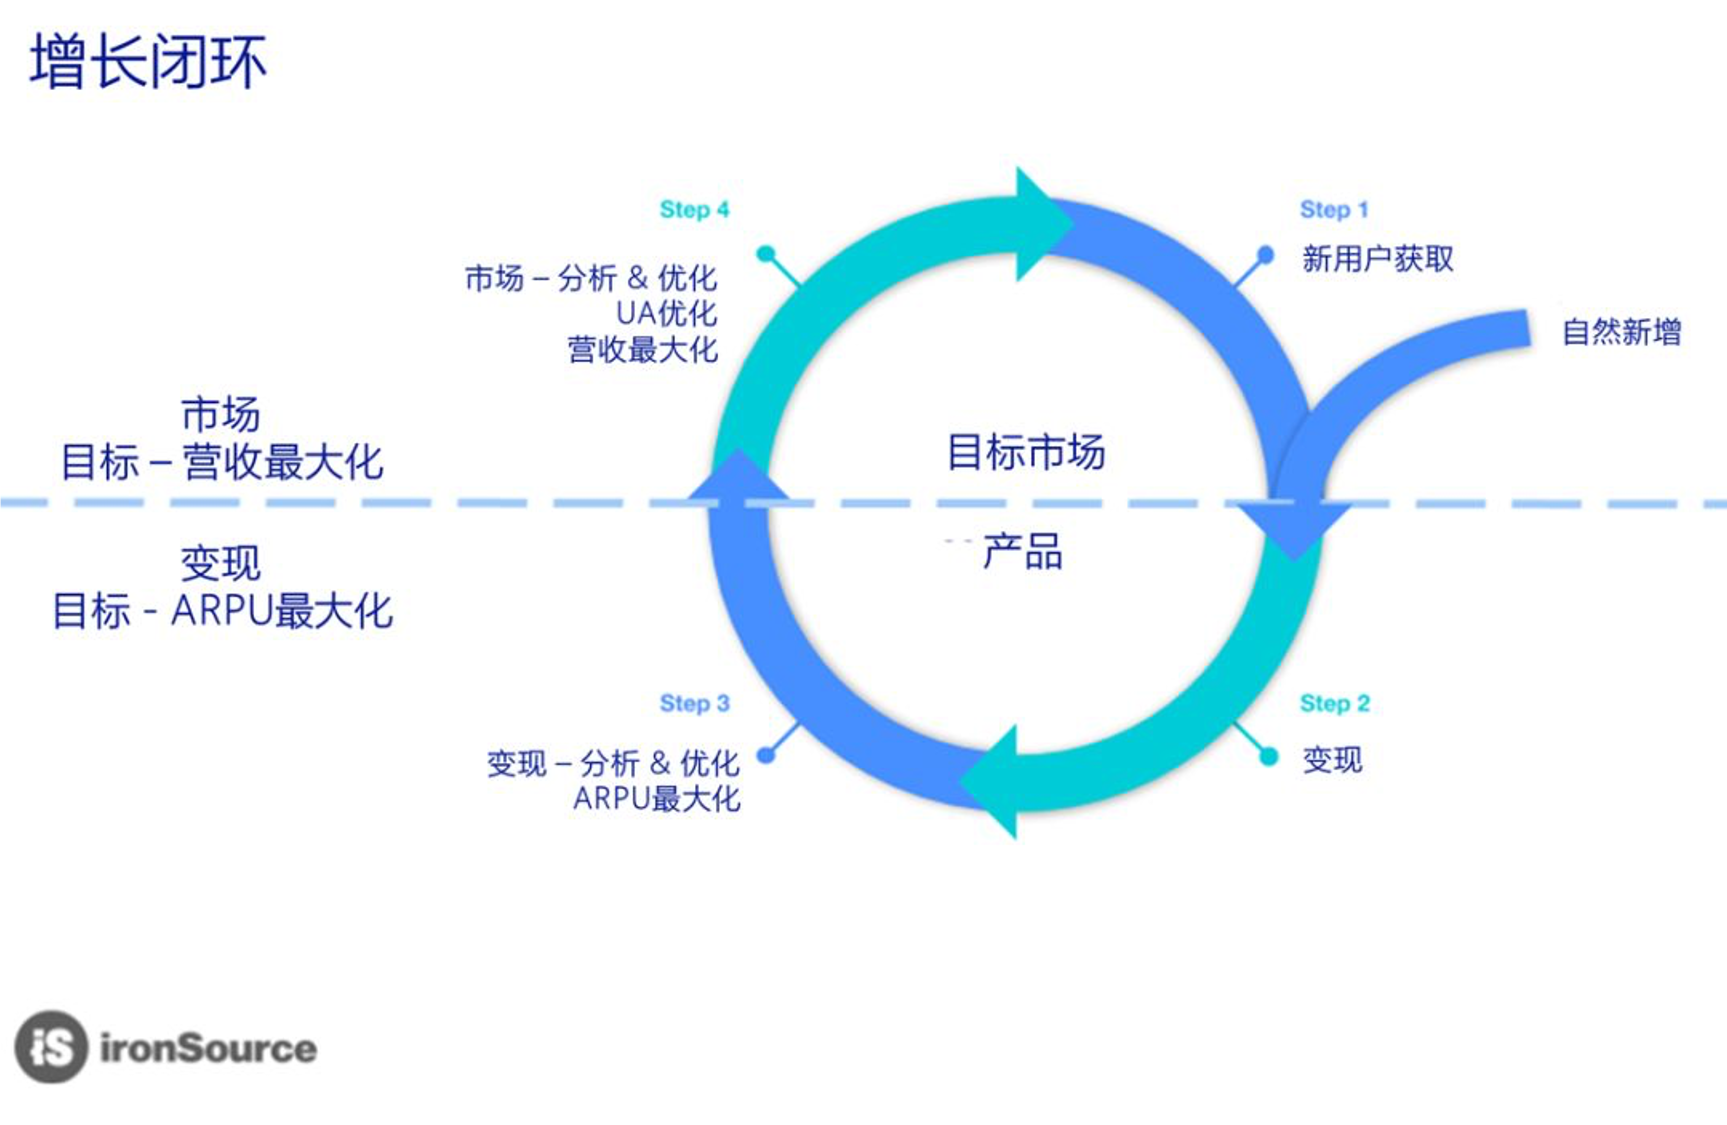 Growth Loop